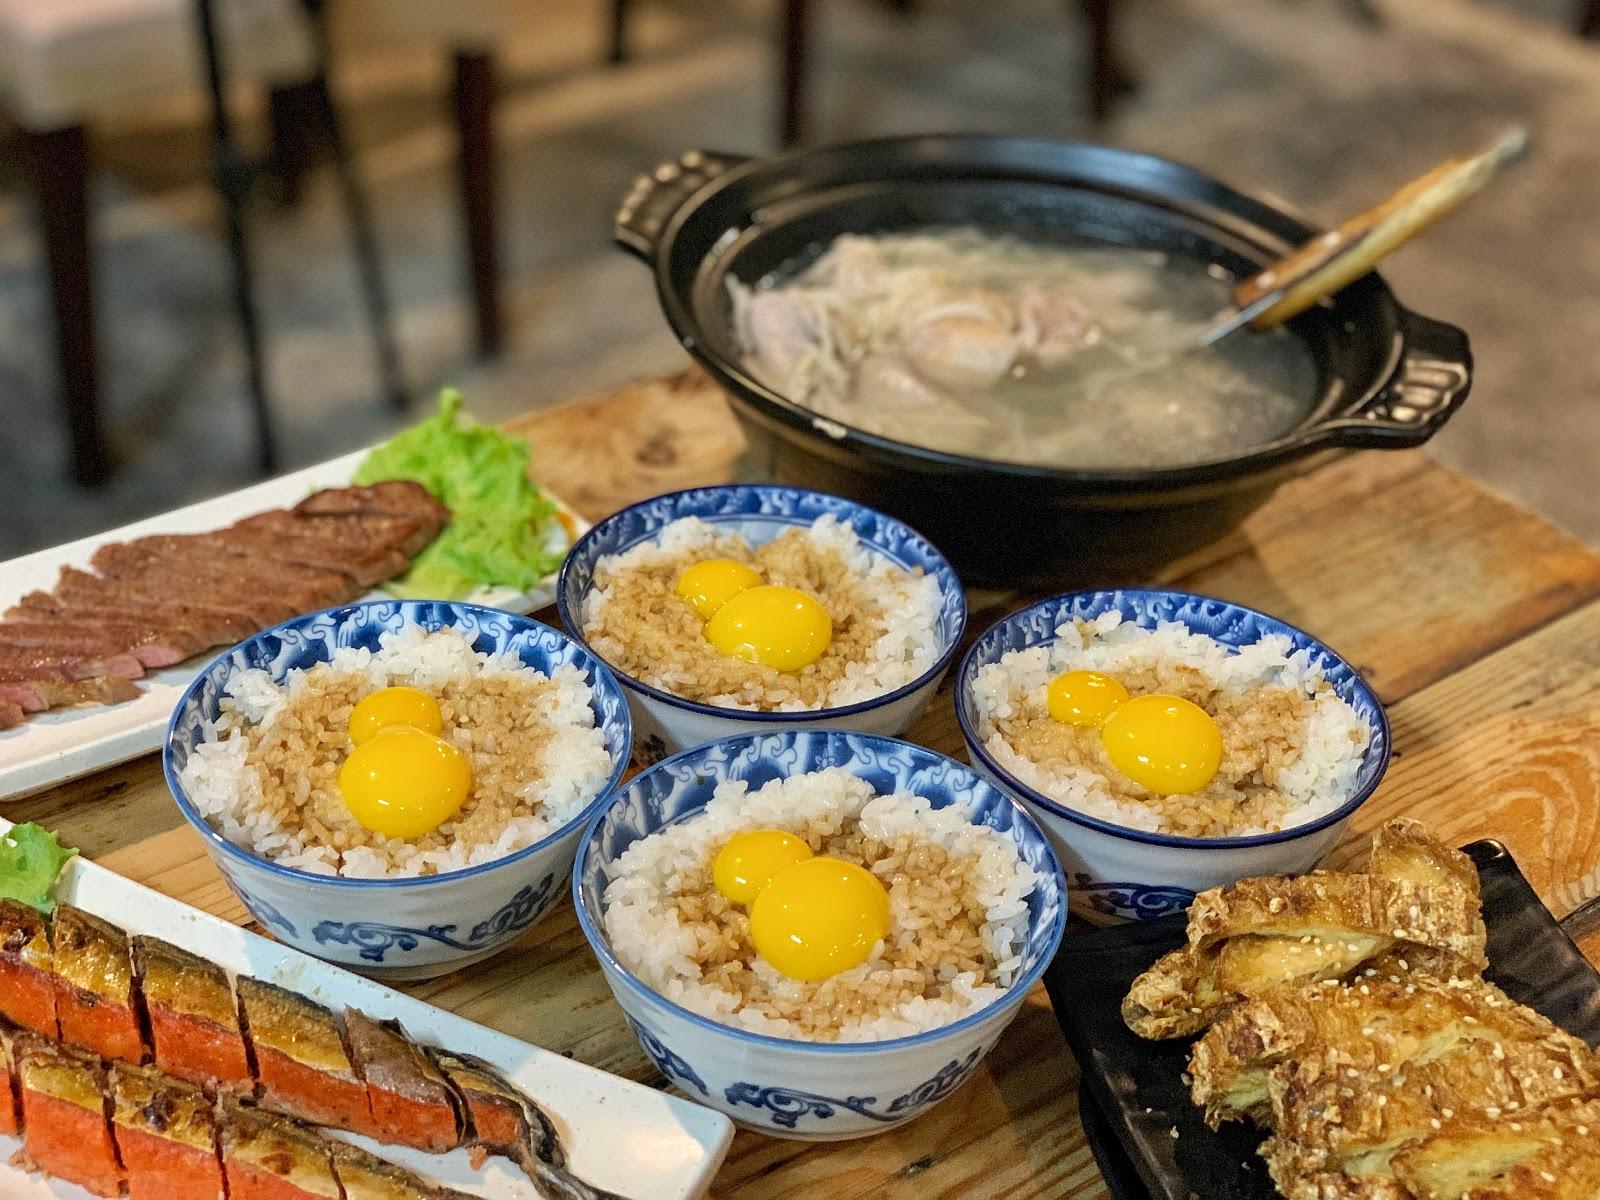 台南東區美食【府城騷烤家】雙蛋豬油拌飯